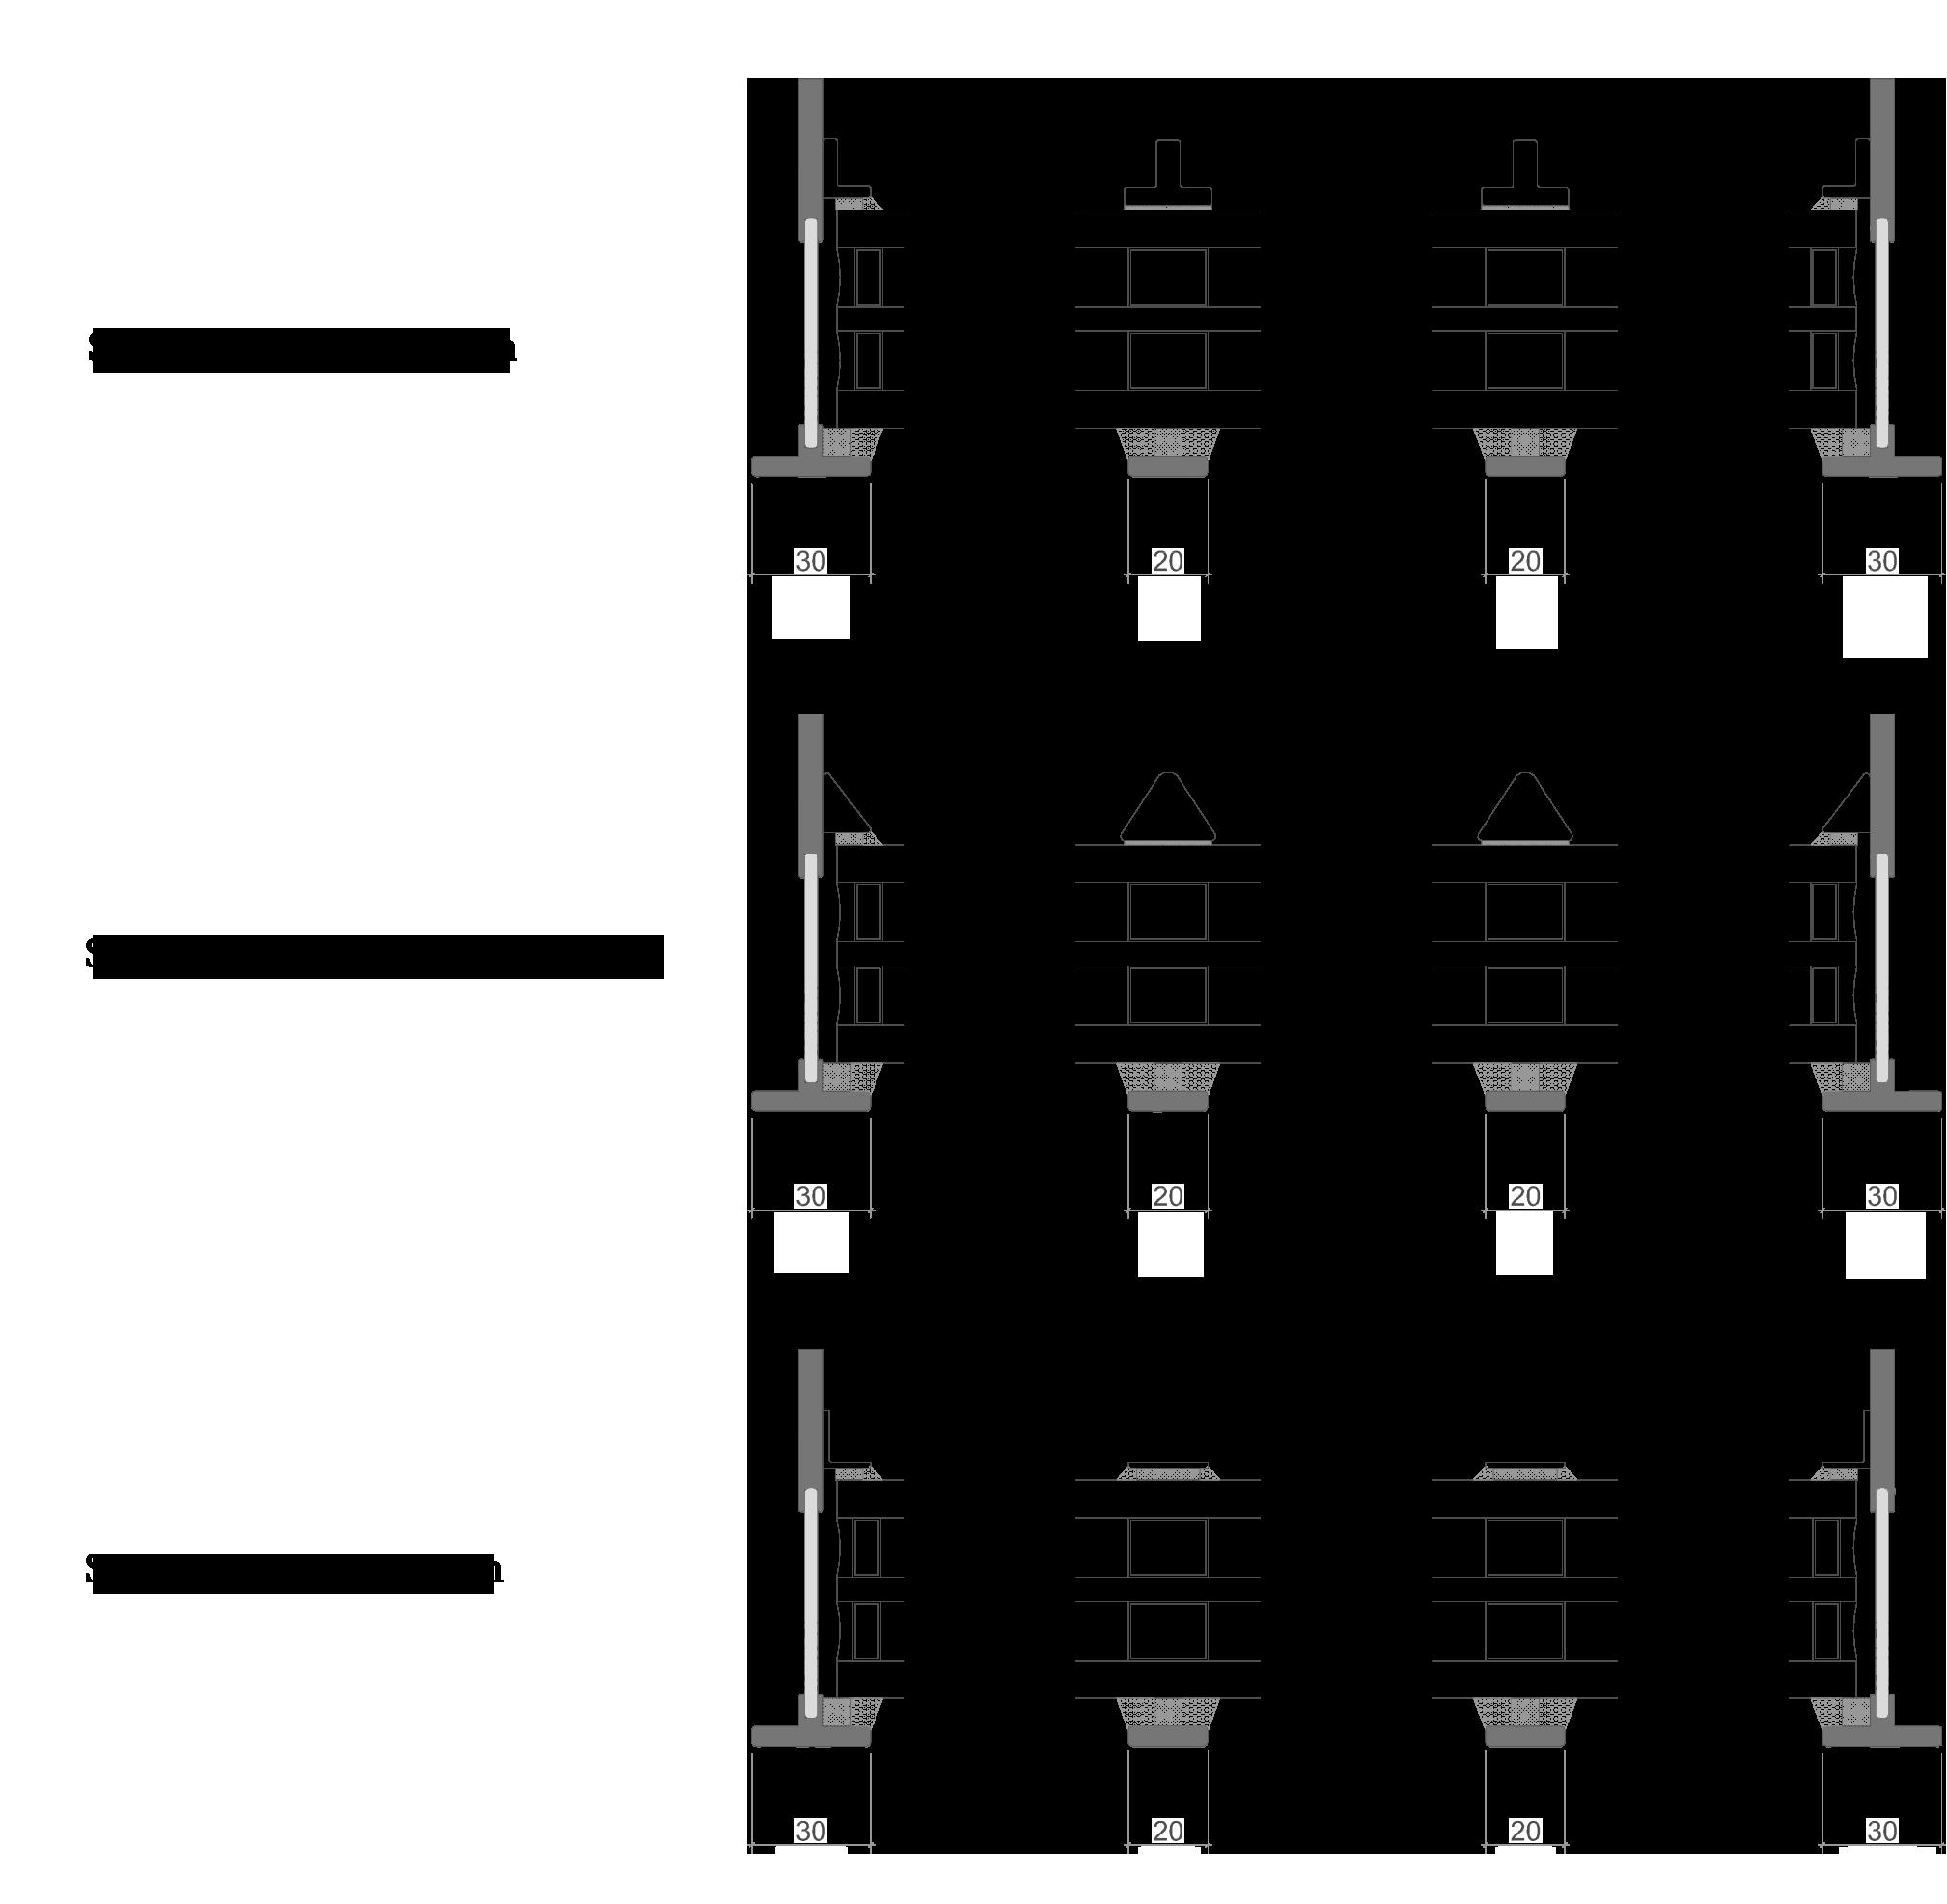 Overzicht van de simulated divided lites (SDL) voor SL30-ISO-PLUS - NL